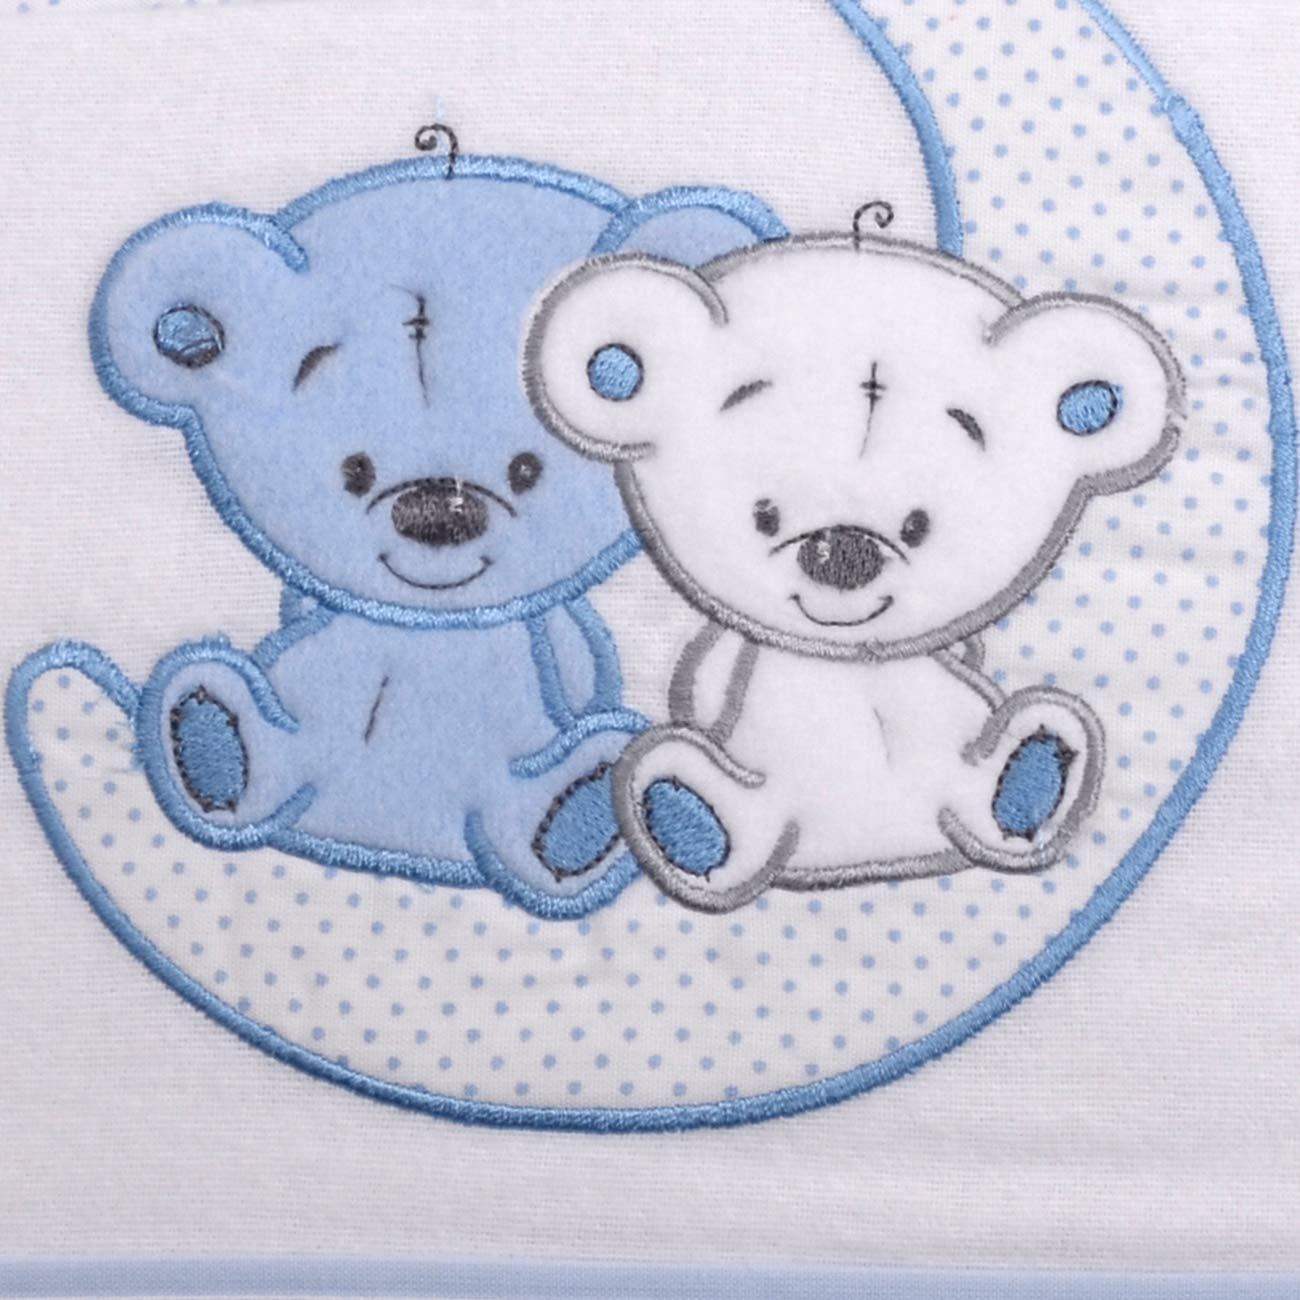 Flanell 100 /% Baumwolle Blau-Wei/ß 60 x 120 cm PEKITAS Baby-Bettw/äsche-Set 3 St/ück Kinderbett 60 x 120 cm